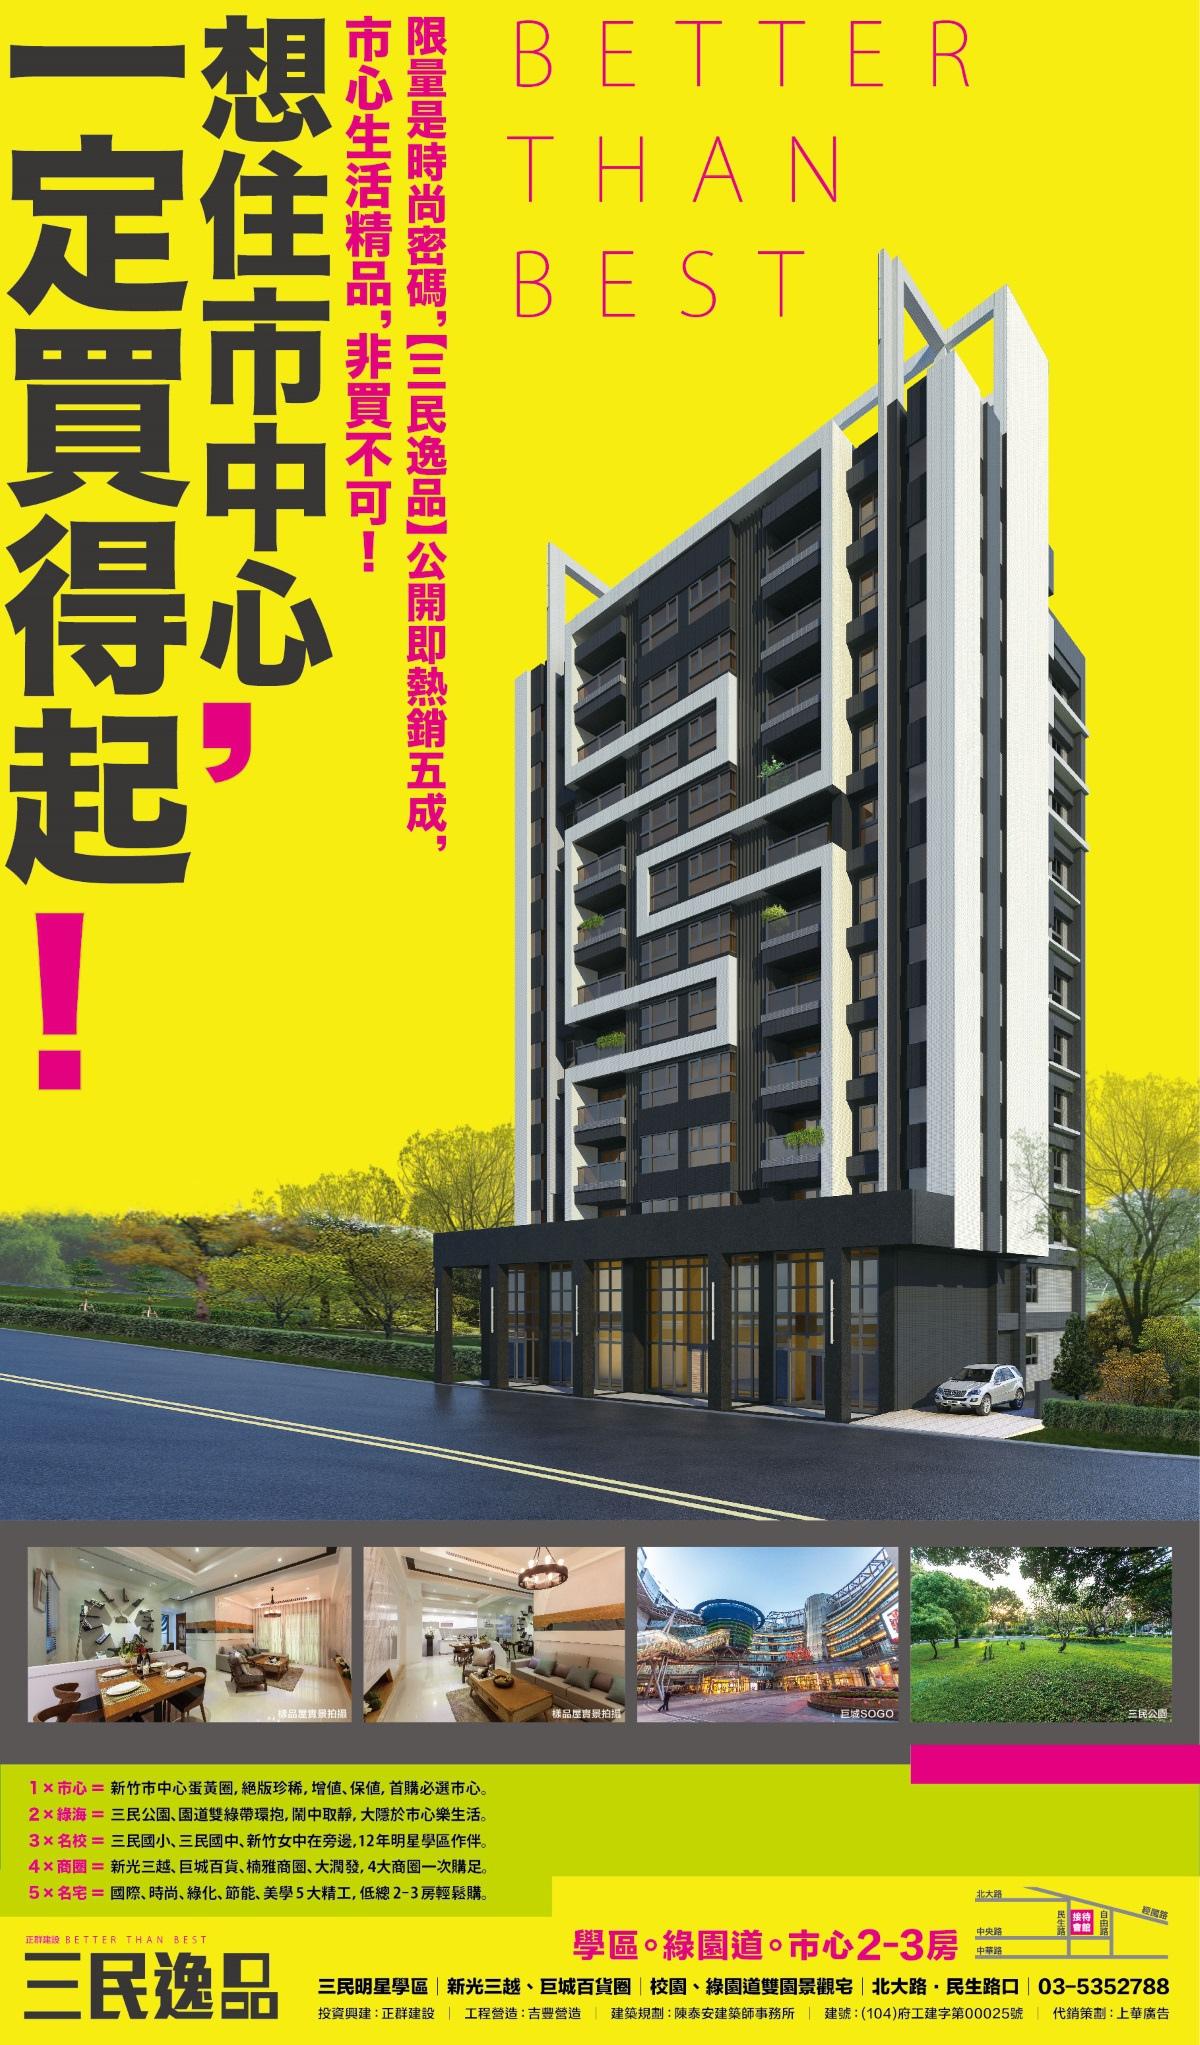 [新竹三民] 正群建設-三民逸品(大樓)2015-07-08 001